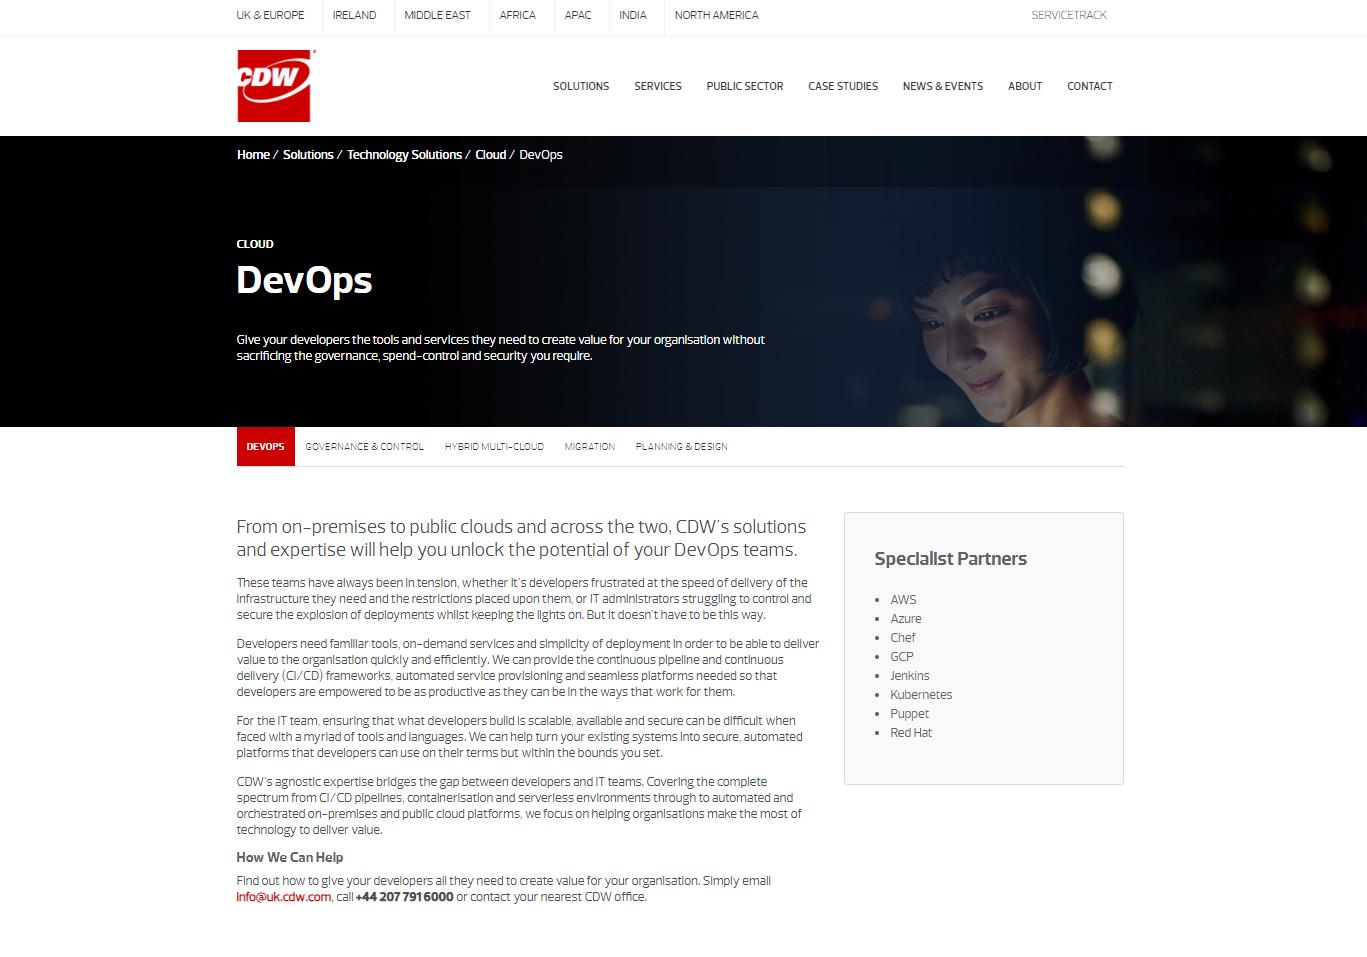 CDW web content - Cloud DevOps